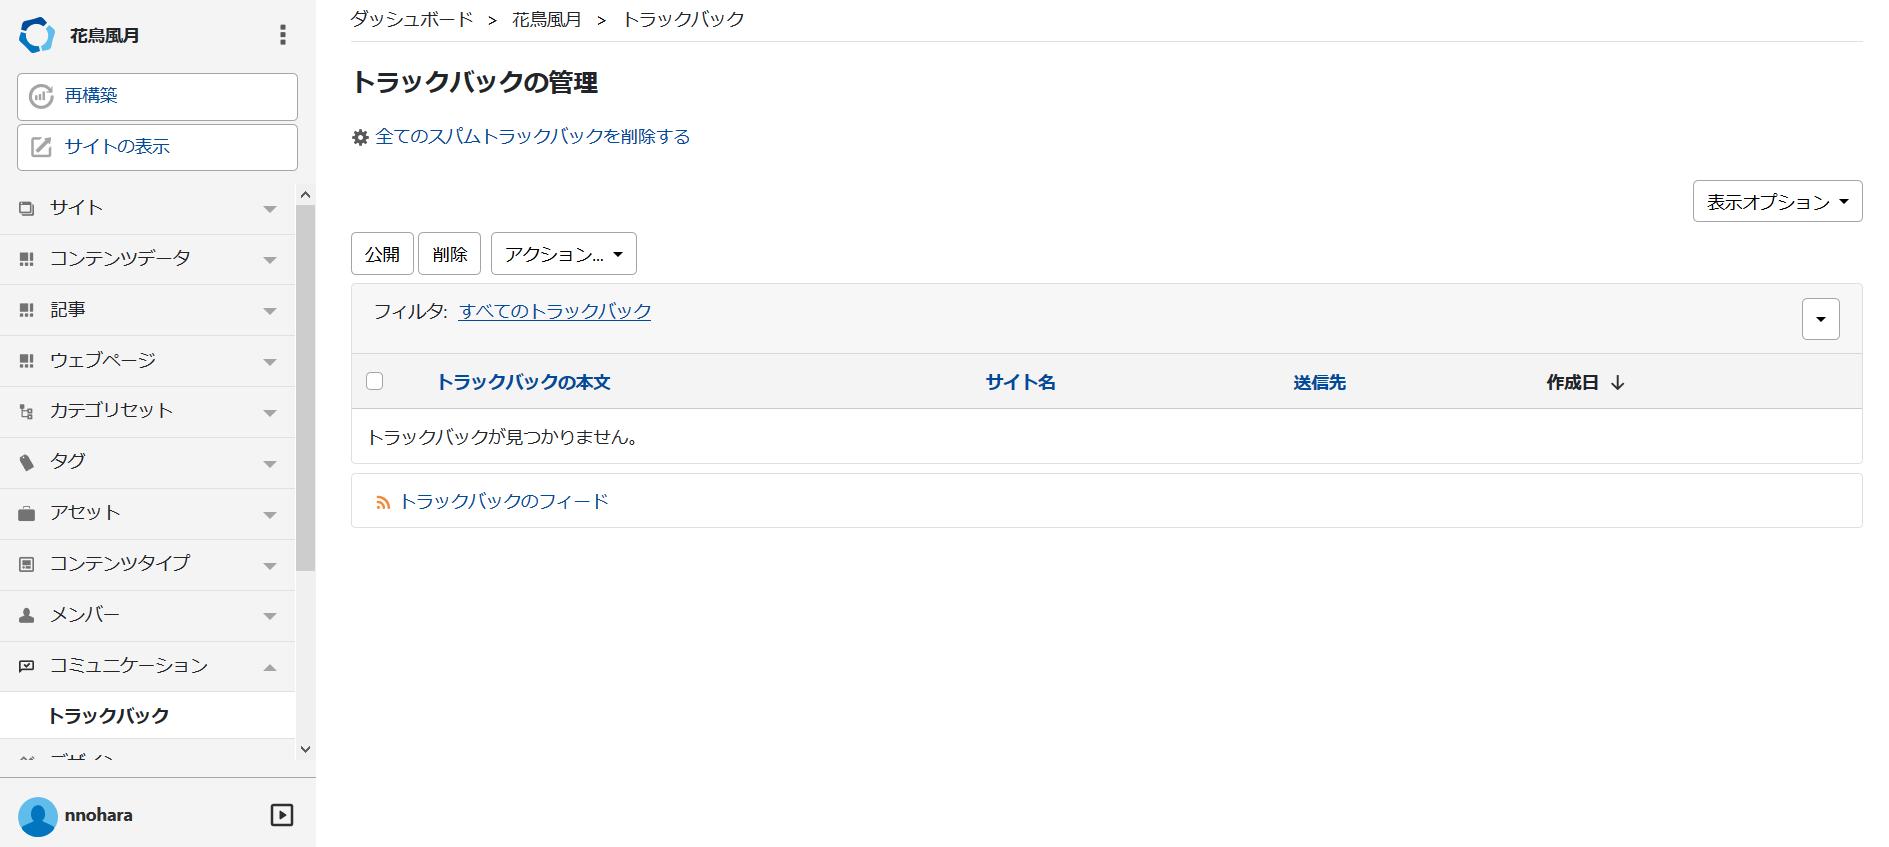 list-trackback01.png